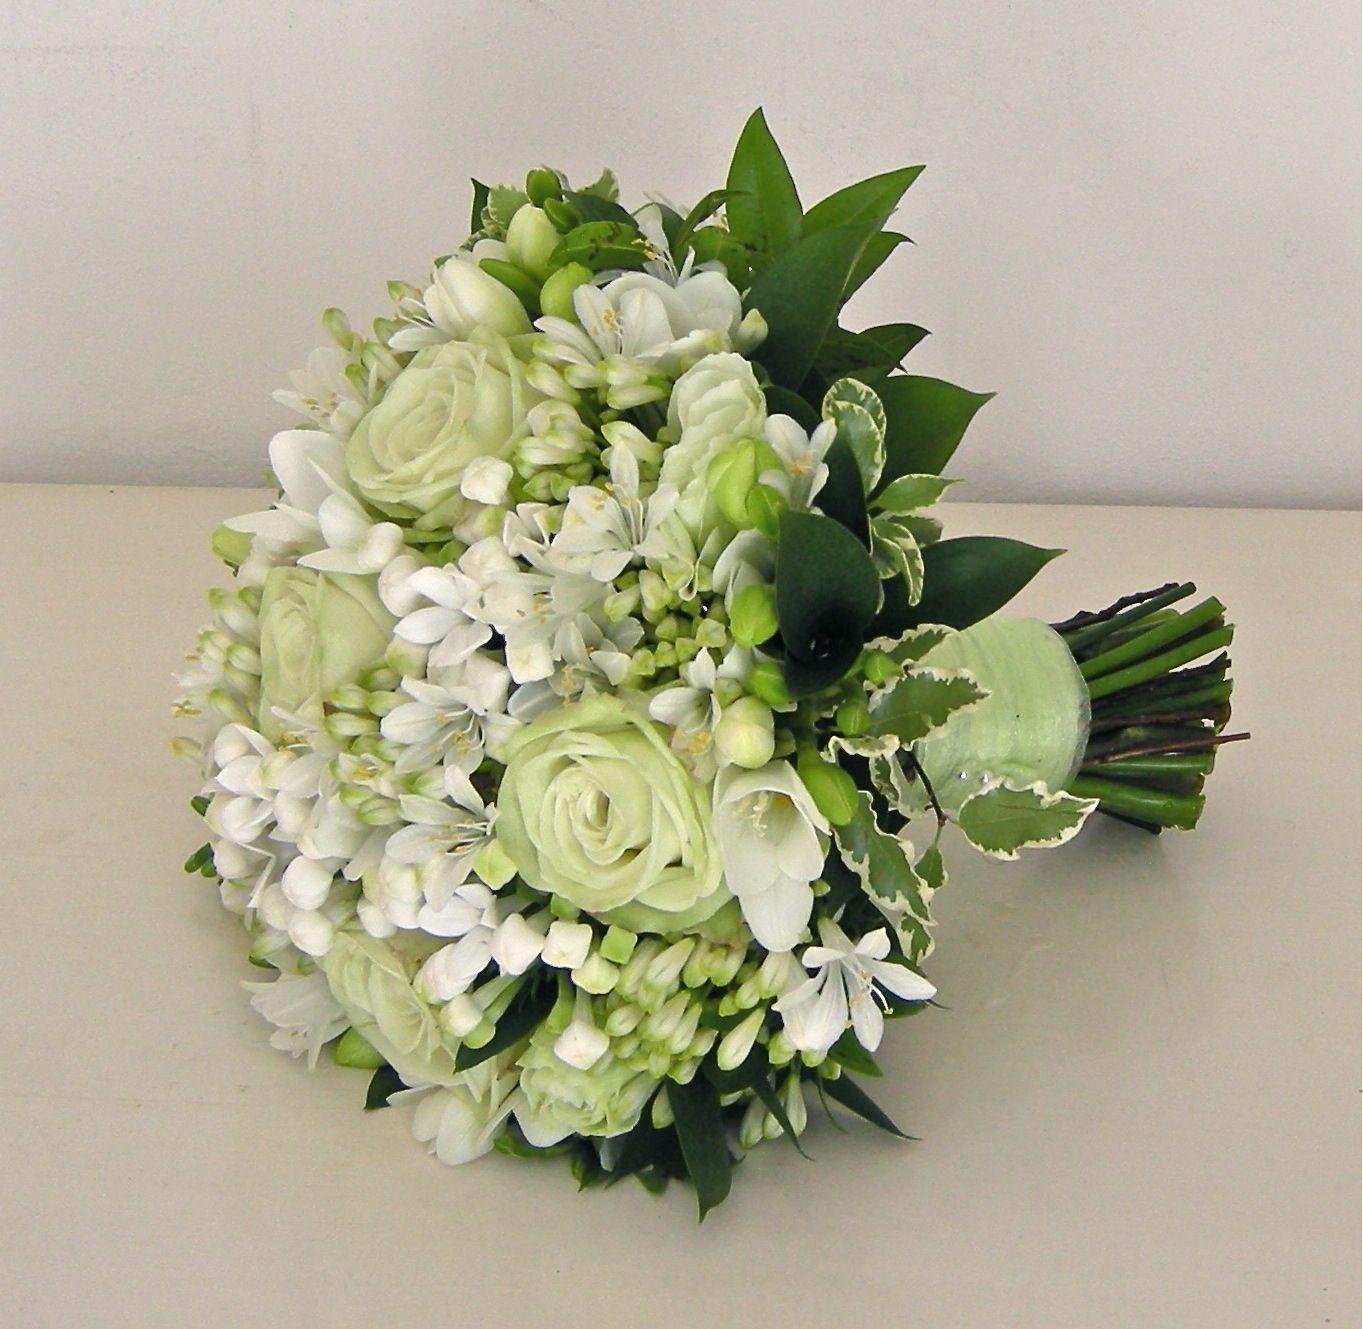 White Flower Wedding Bouquet: White Wedding Flowers Bridesmaid Bouquet